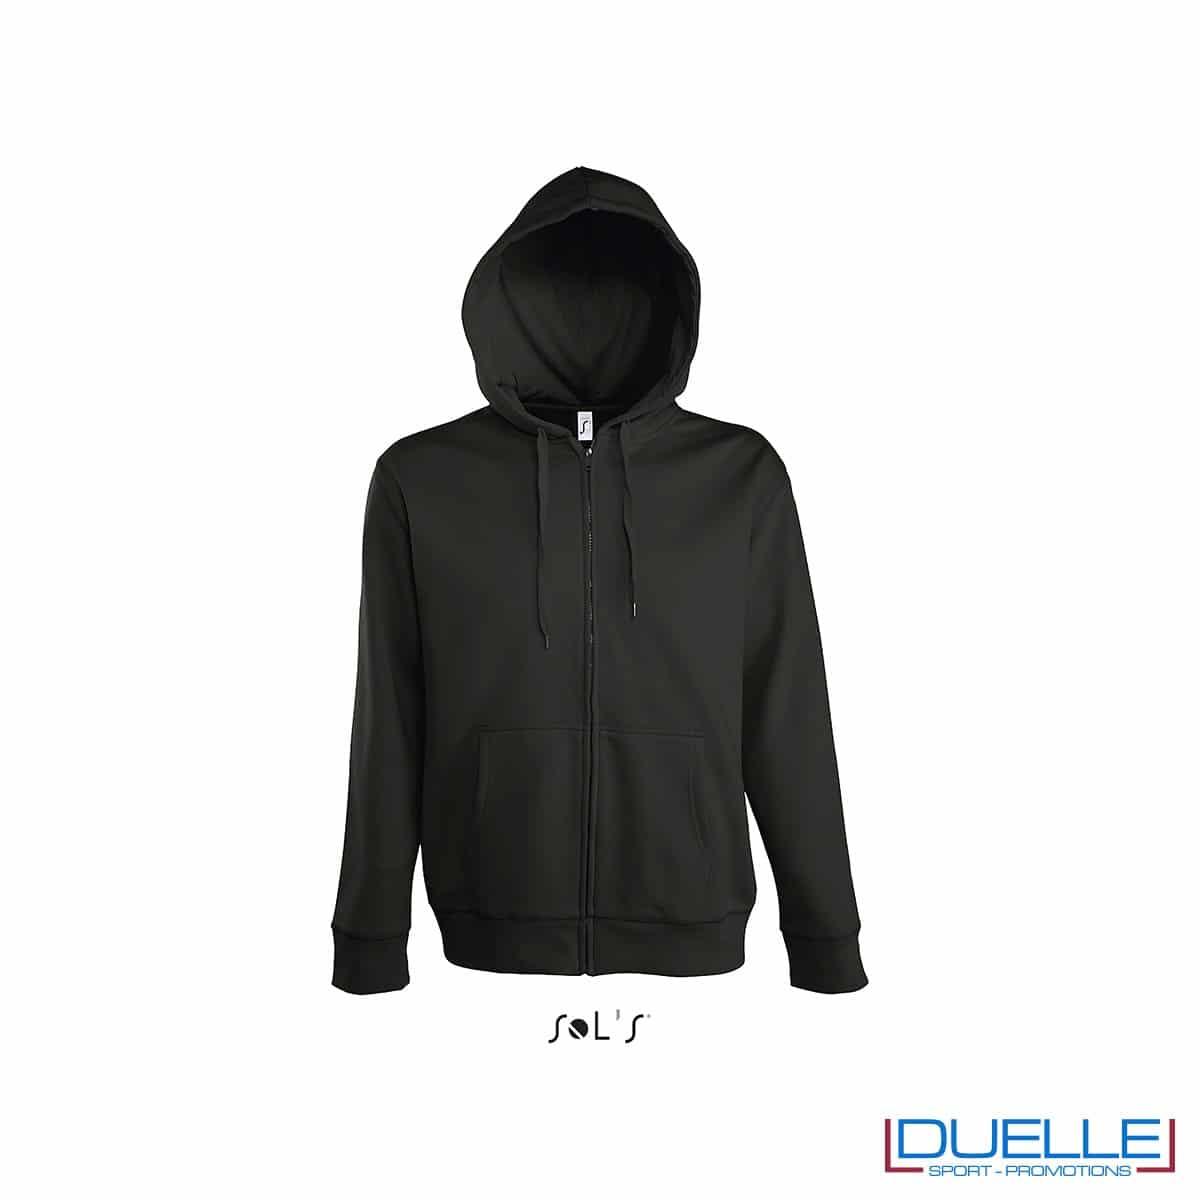 felpa personalizzata con cappuccio e zip completa colore nero, felpa personalizzata